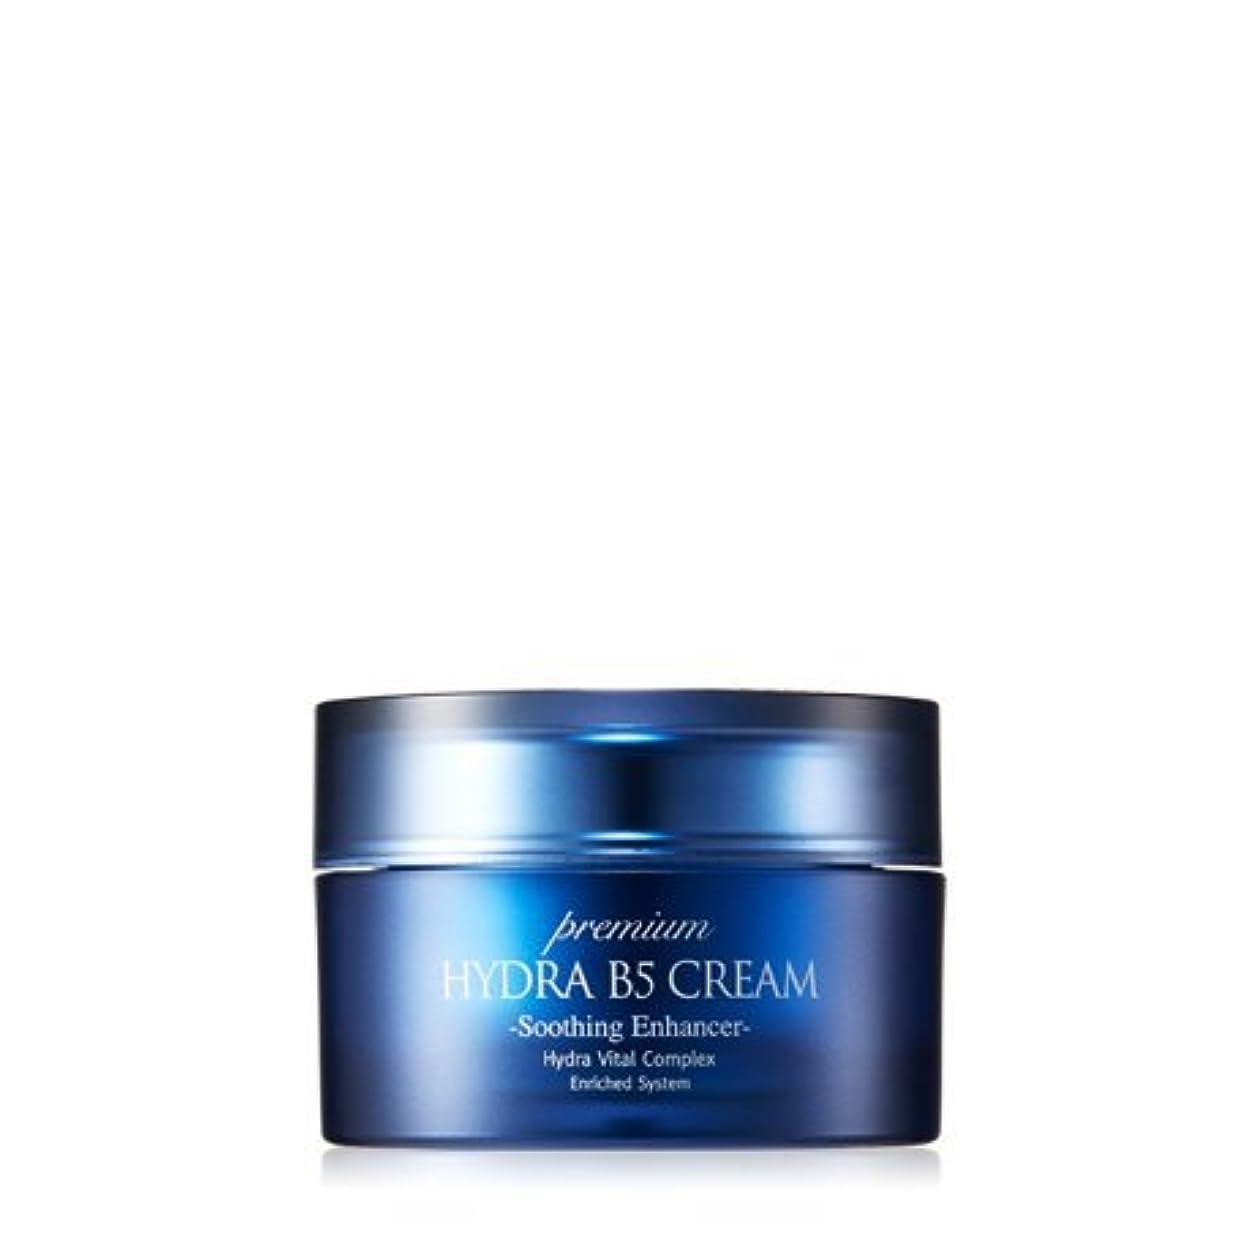 堂々たるサイズホールA.H.C (AHC) Premium Hydra B5 Cream 50ml/A.H.C プレミアム ハイドラ B5 クリーム 50ml [並行輸入品]